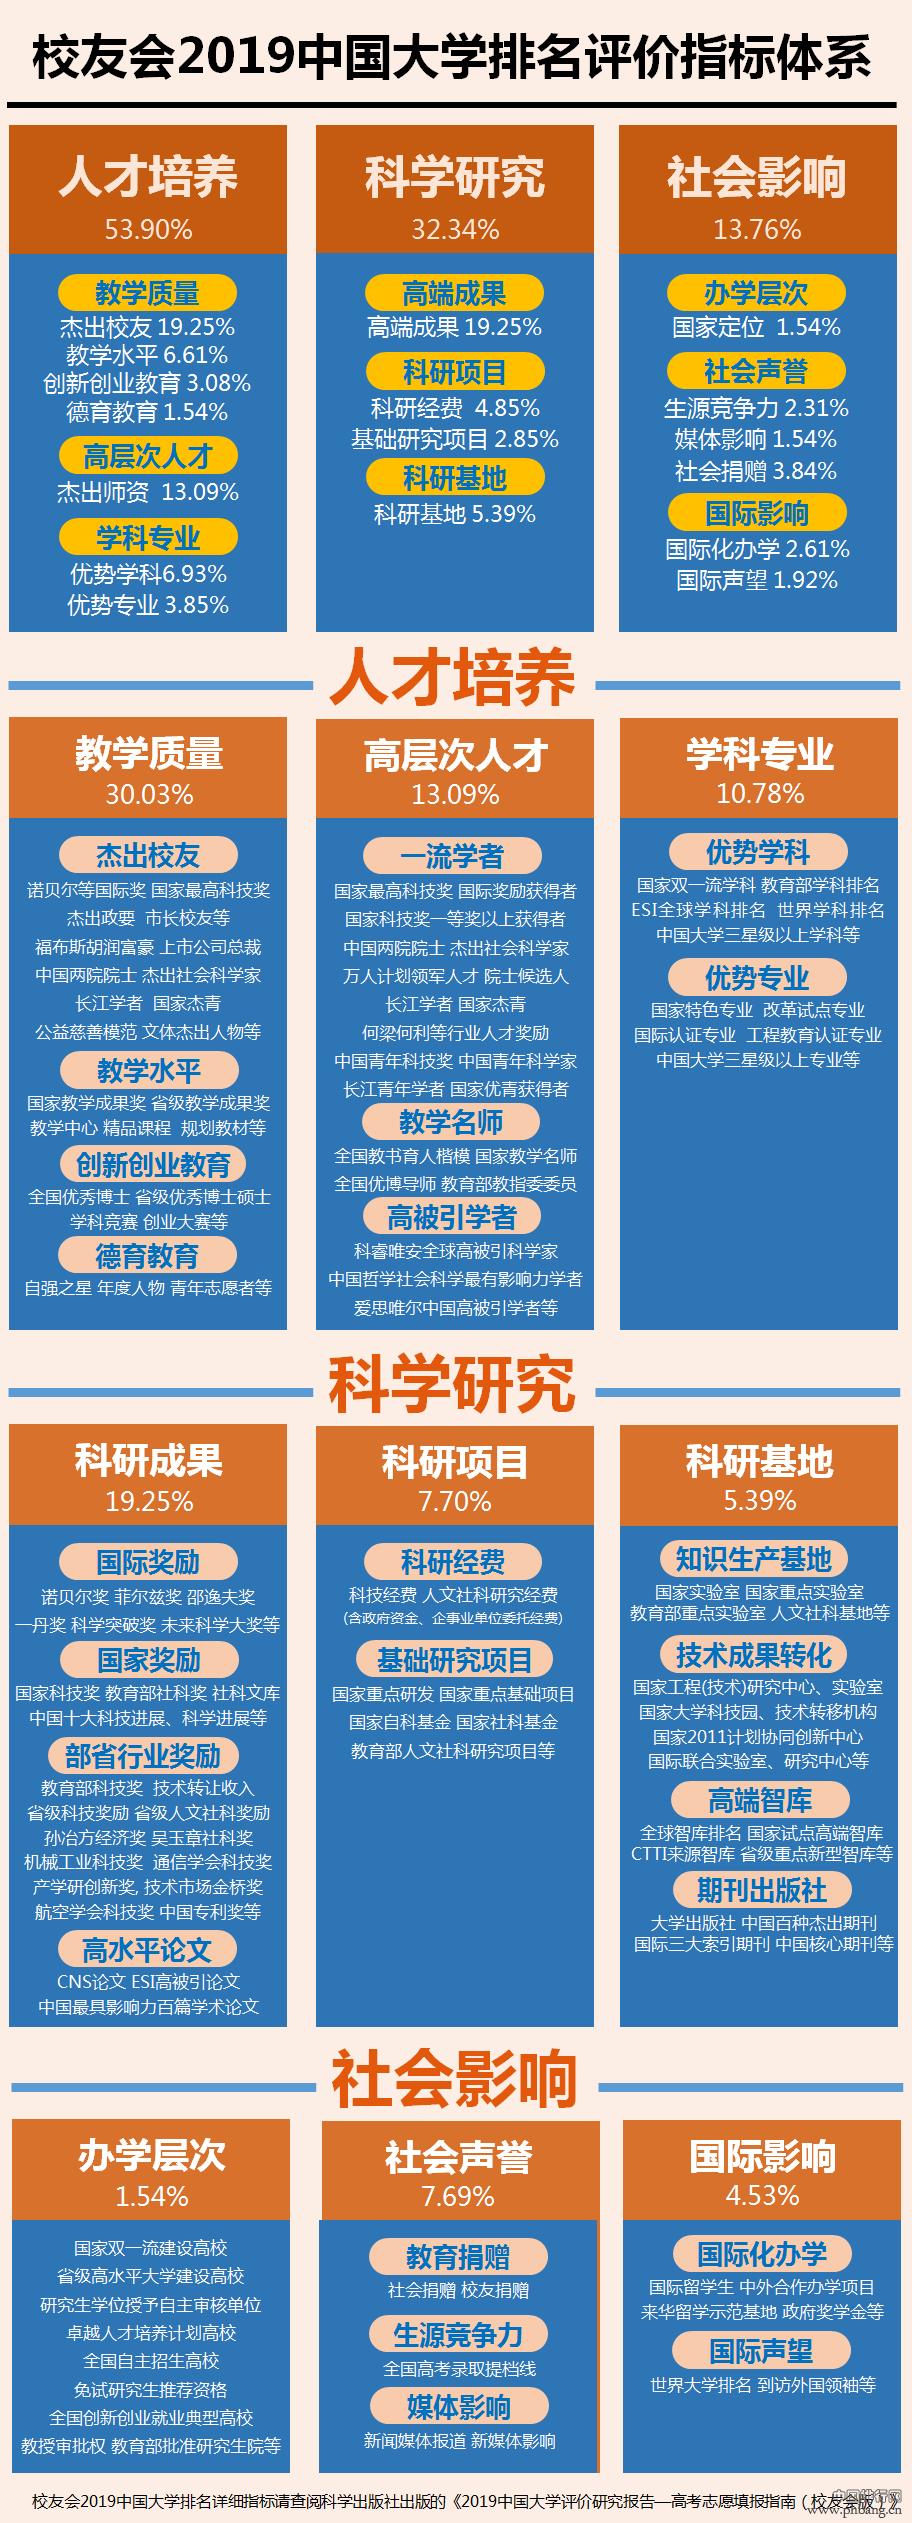 2019中国工业大学排名40强,哈工大第1,齐鲁工大第6